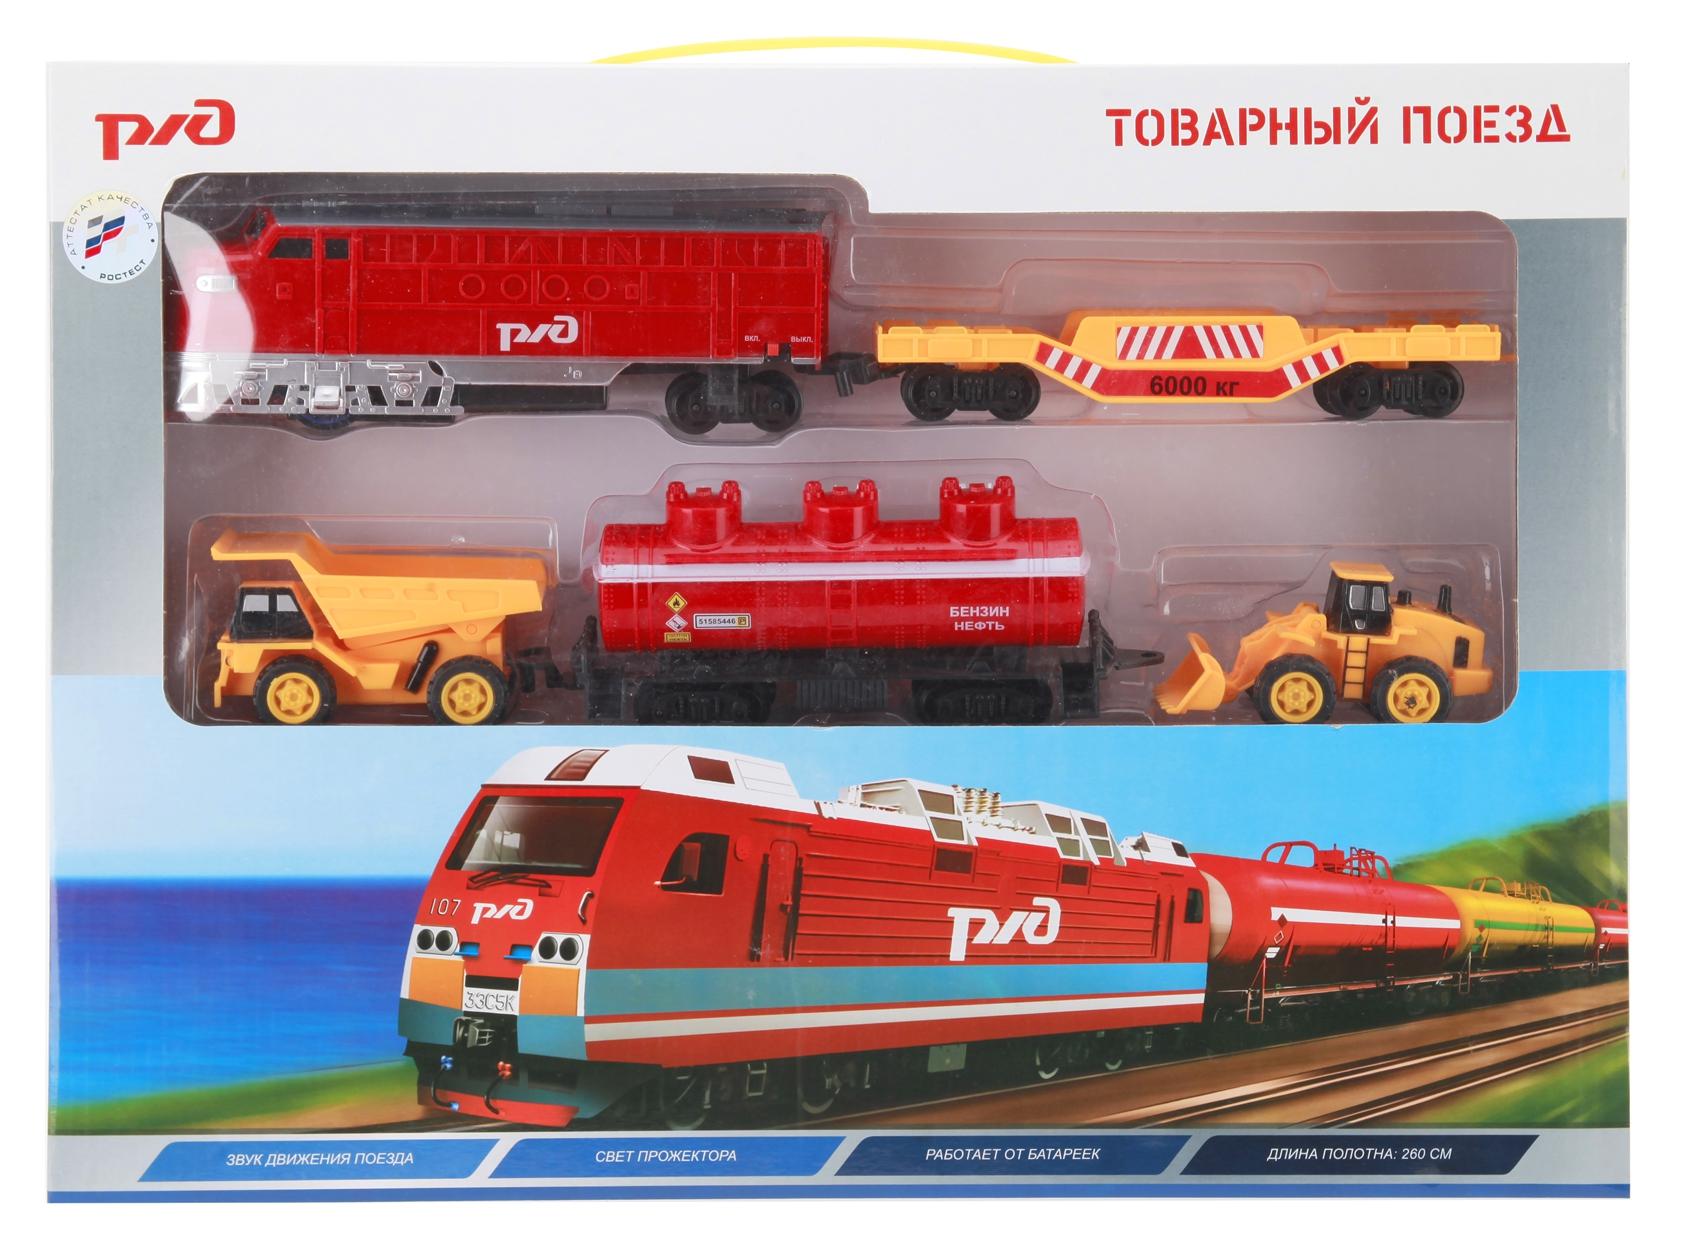 Железная дорога Играем вместе Товарный поезд РЖД